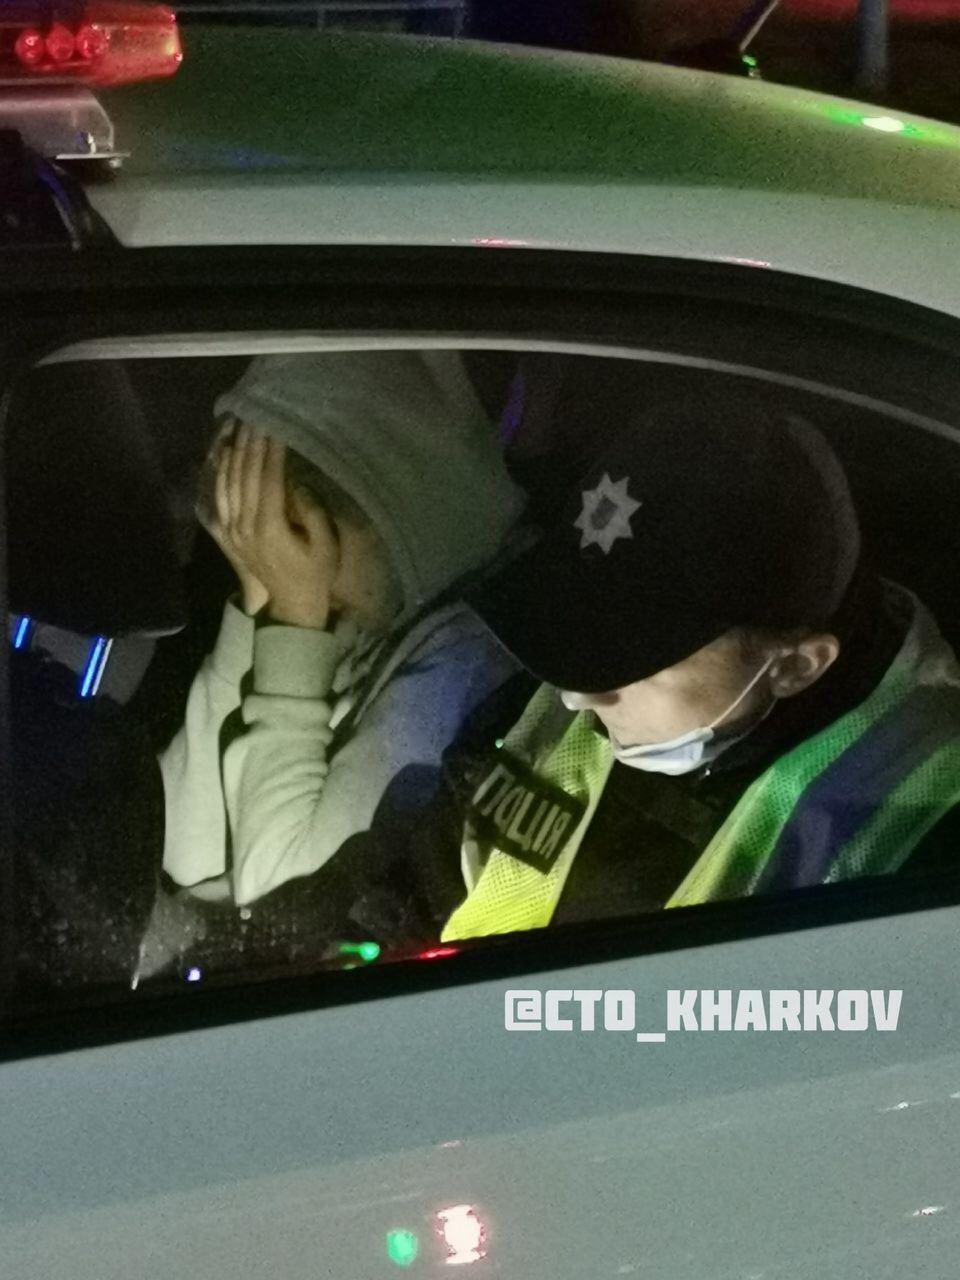 Дмитрий Кравченко в автомобиле полиции прикрыл лицо руками